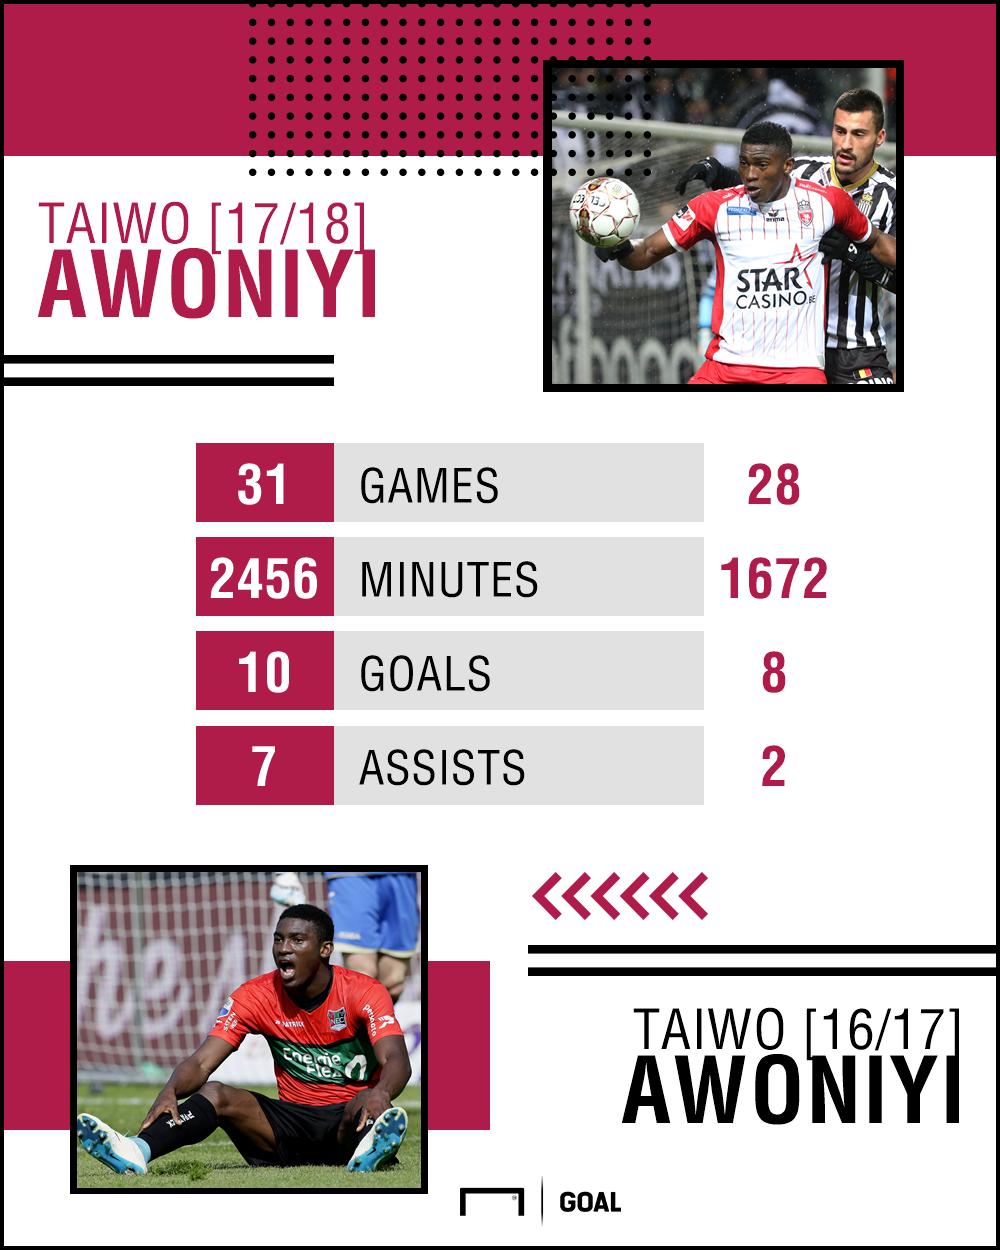 Taiwo Awoniyi